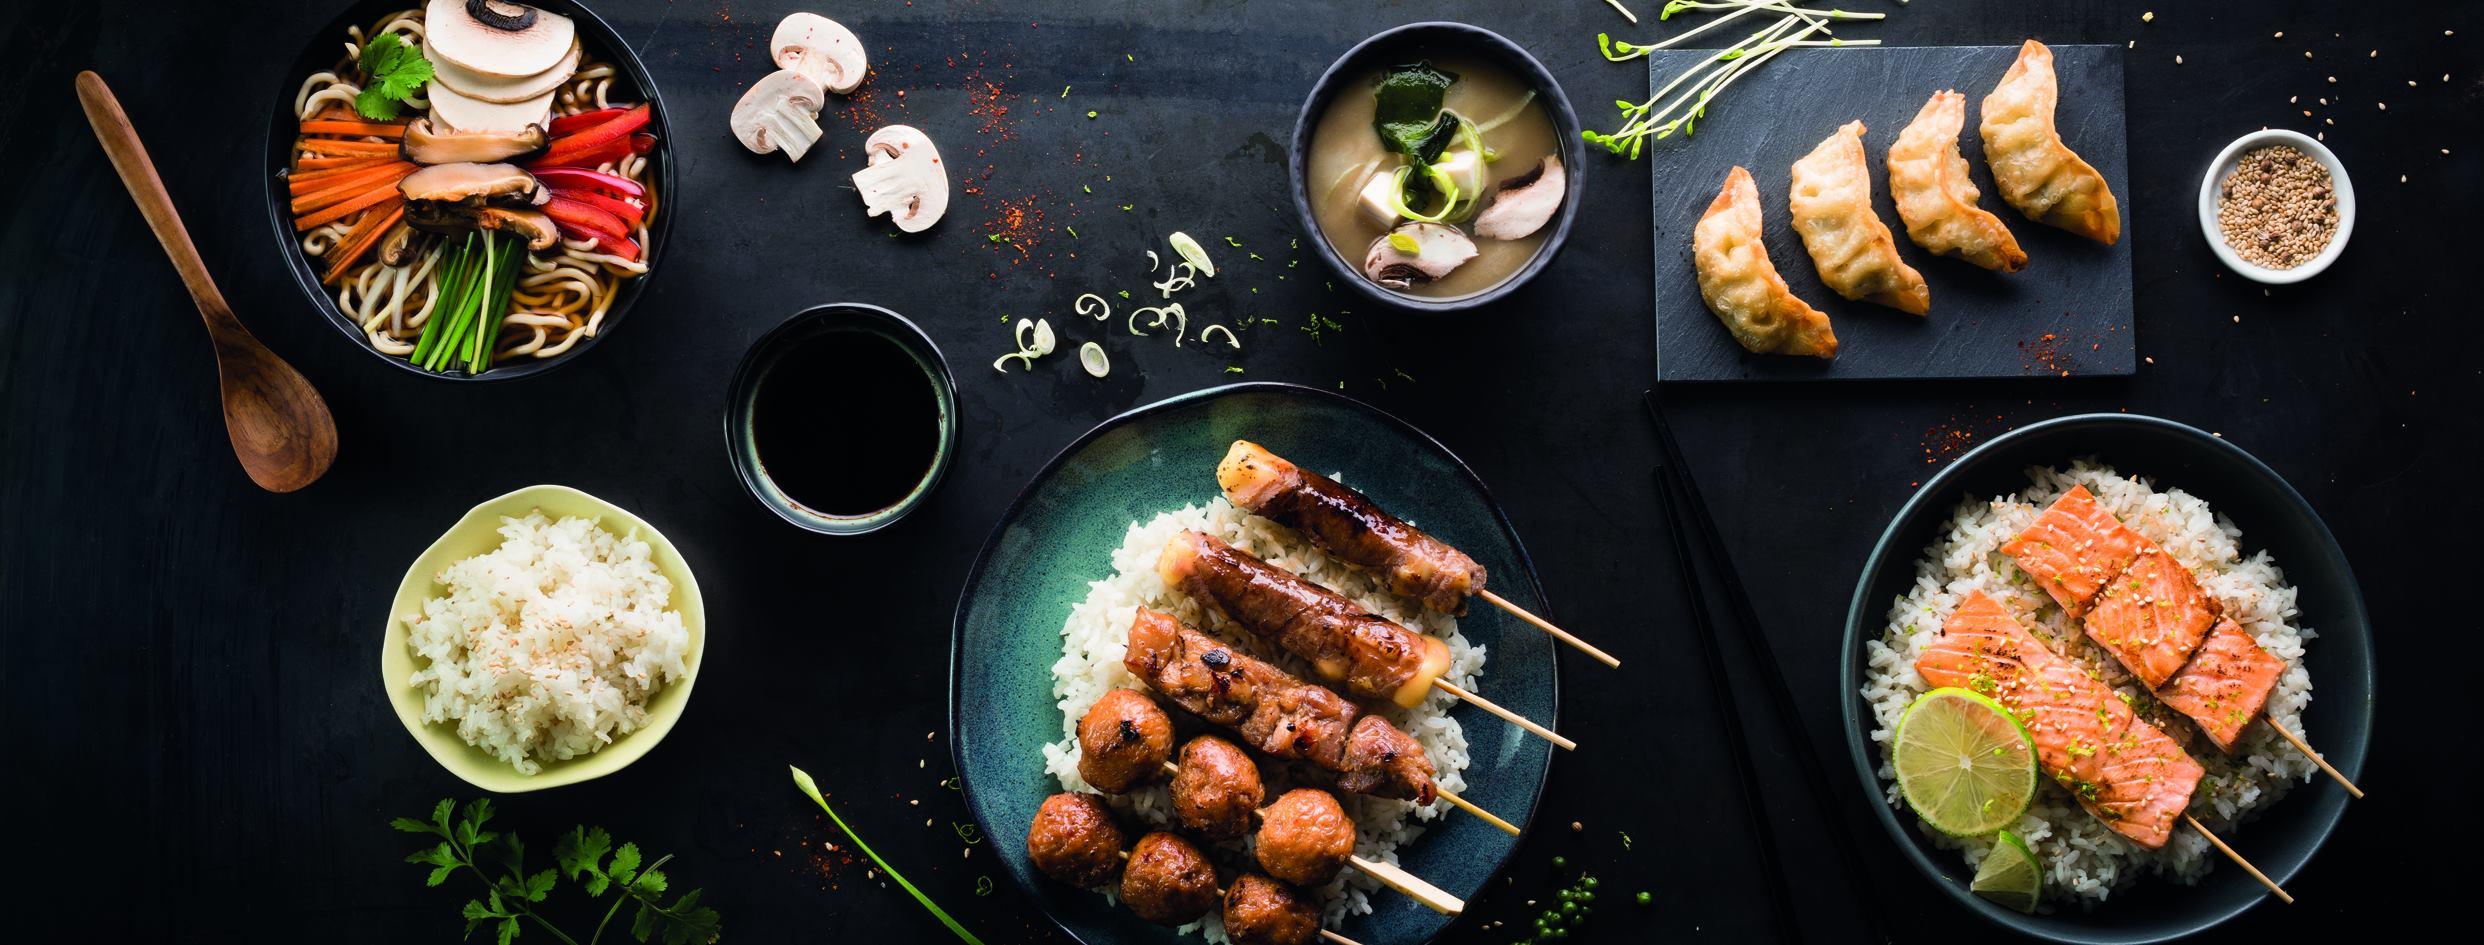 Planet-Sushi – livraison de sushi à domicile – Dealabs